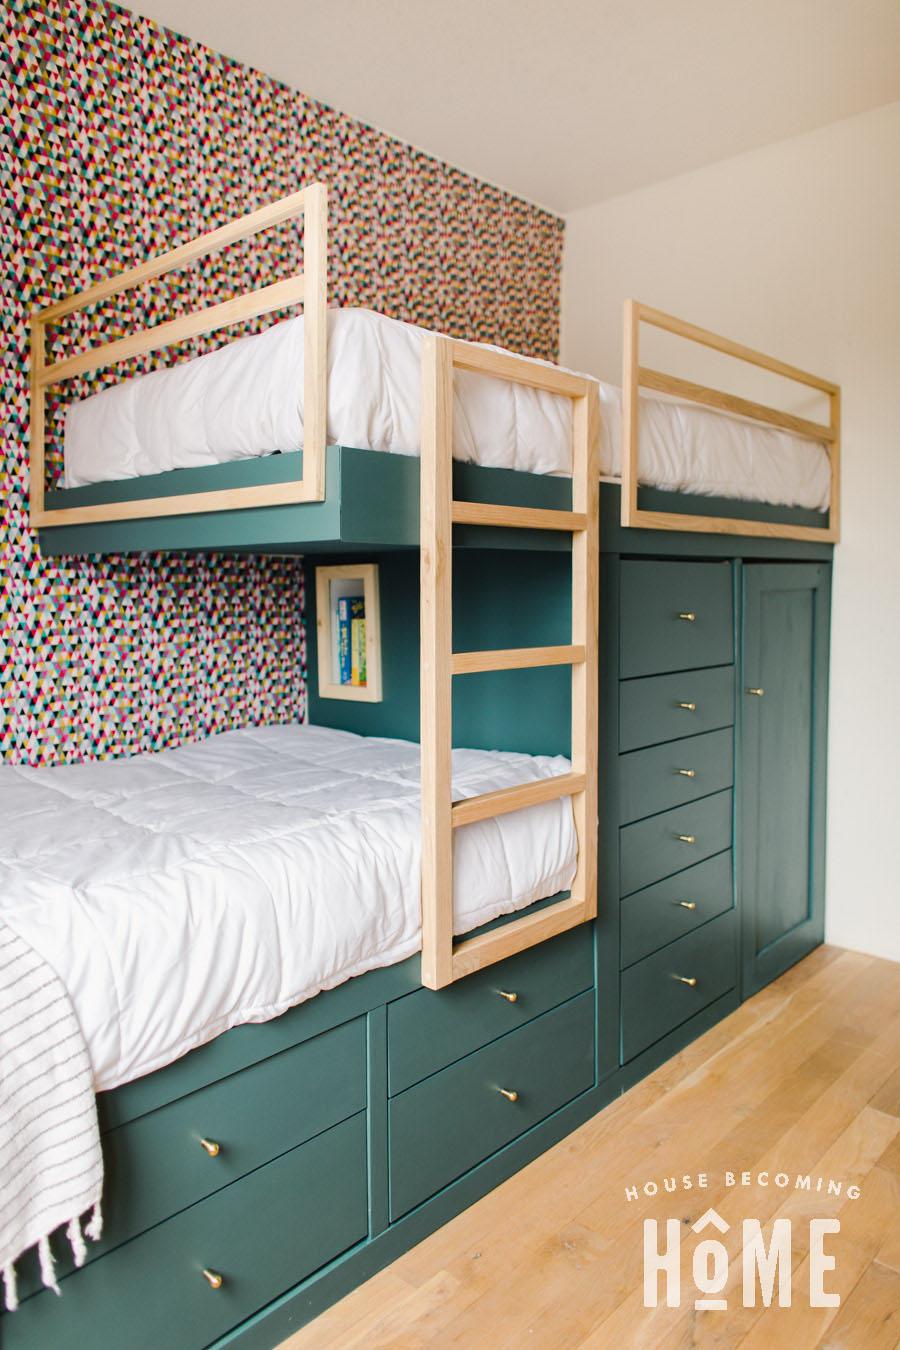 Book Nook inside Built in Bunk Beds